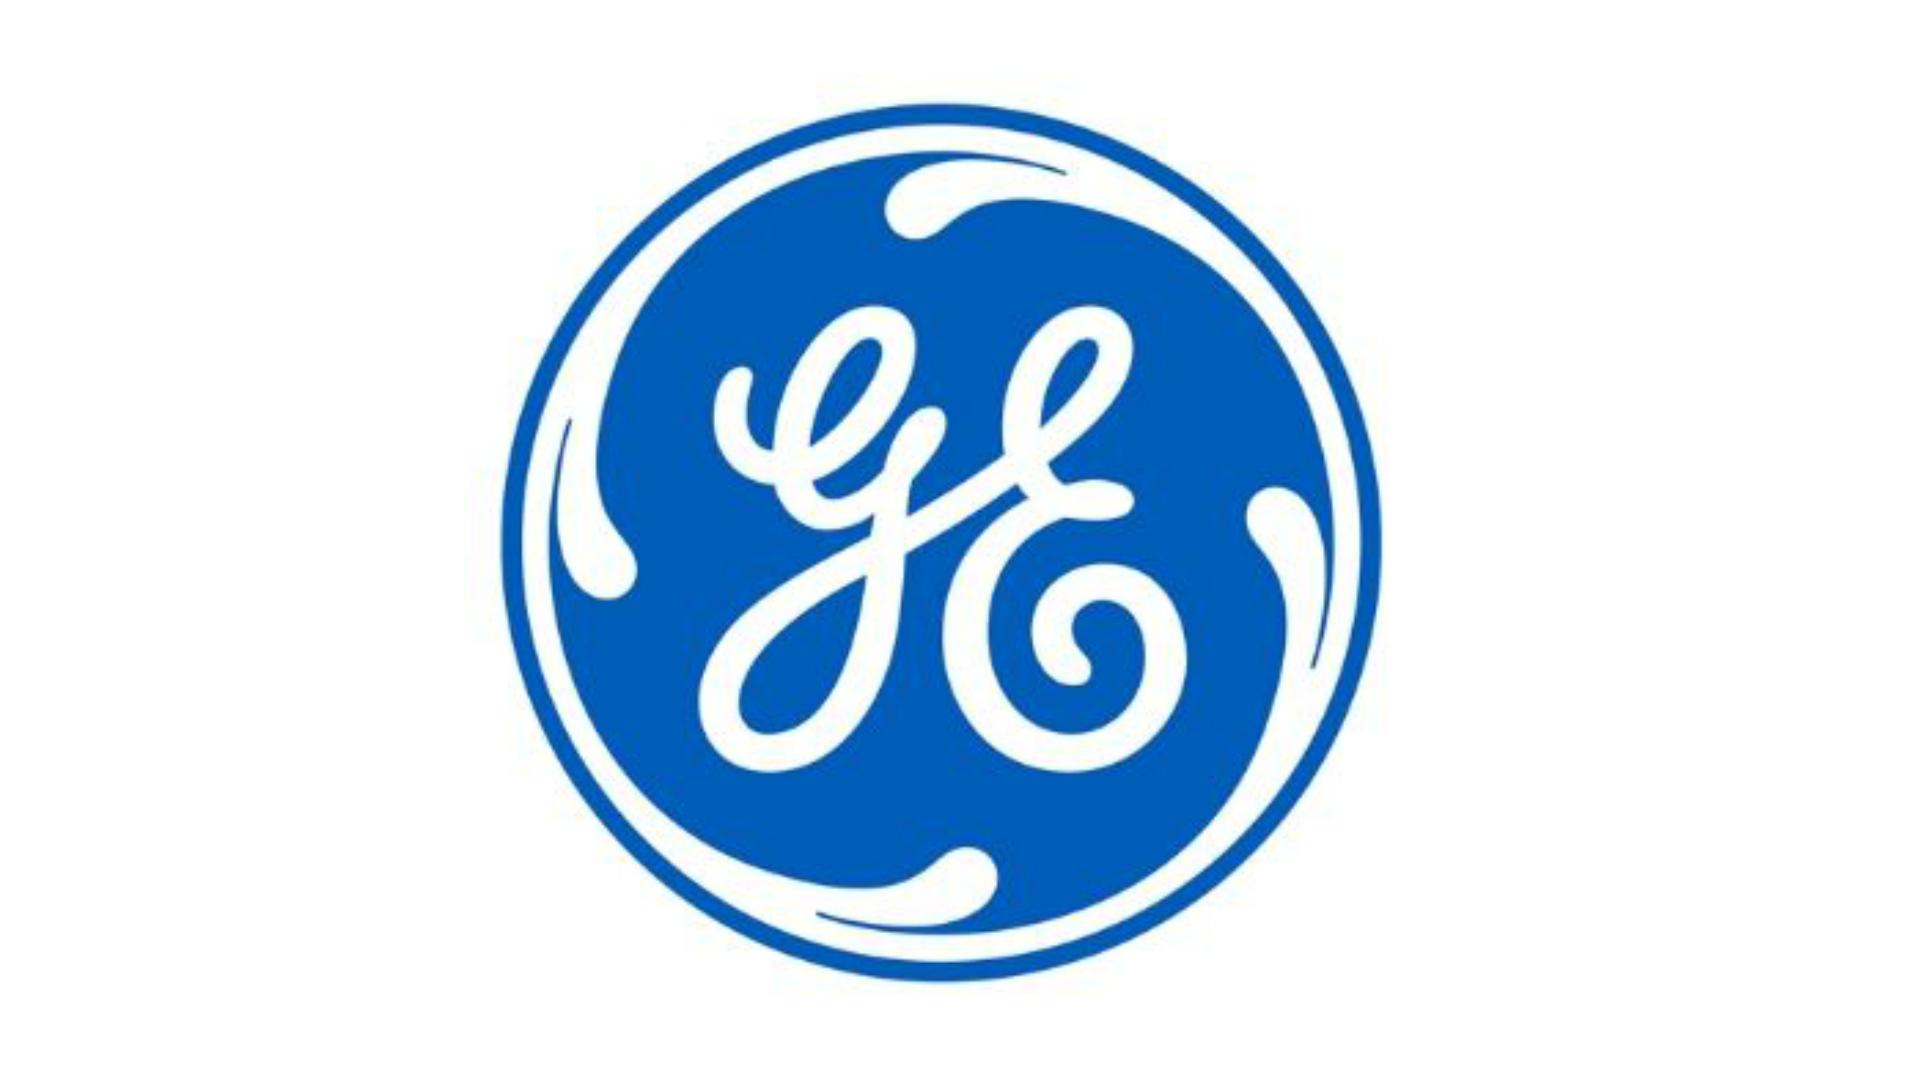 جنرال إلكتريك الأمريكية تدعم شبكة الطاقة الكهربائية العراقية بـ 125 ميغاواط